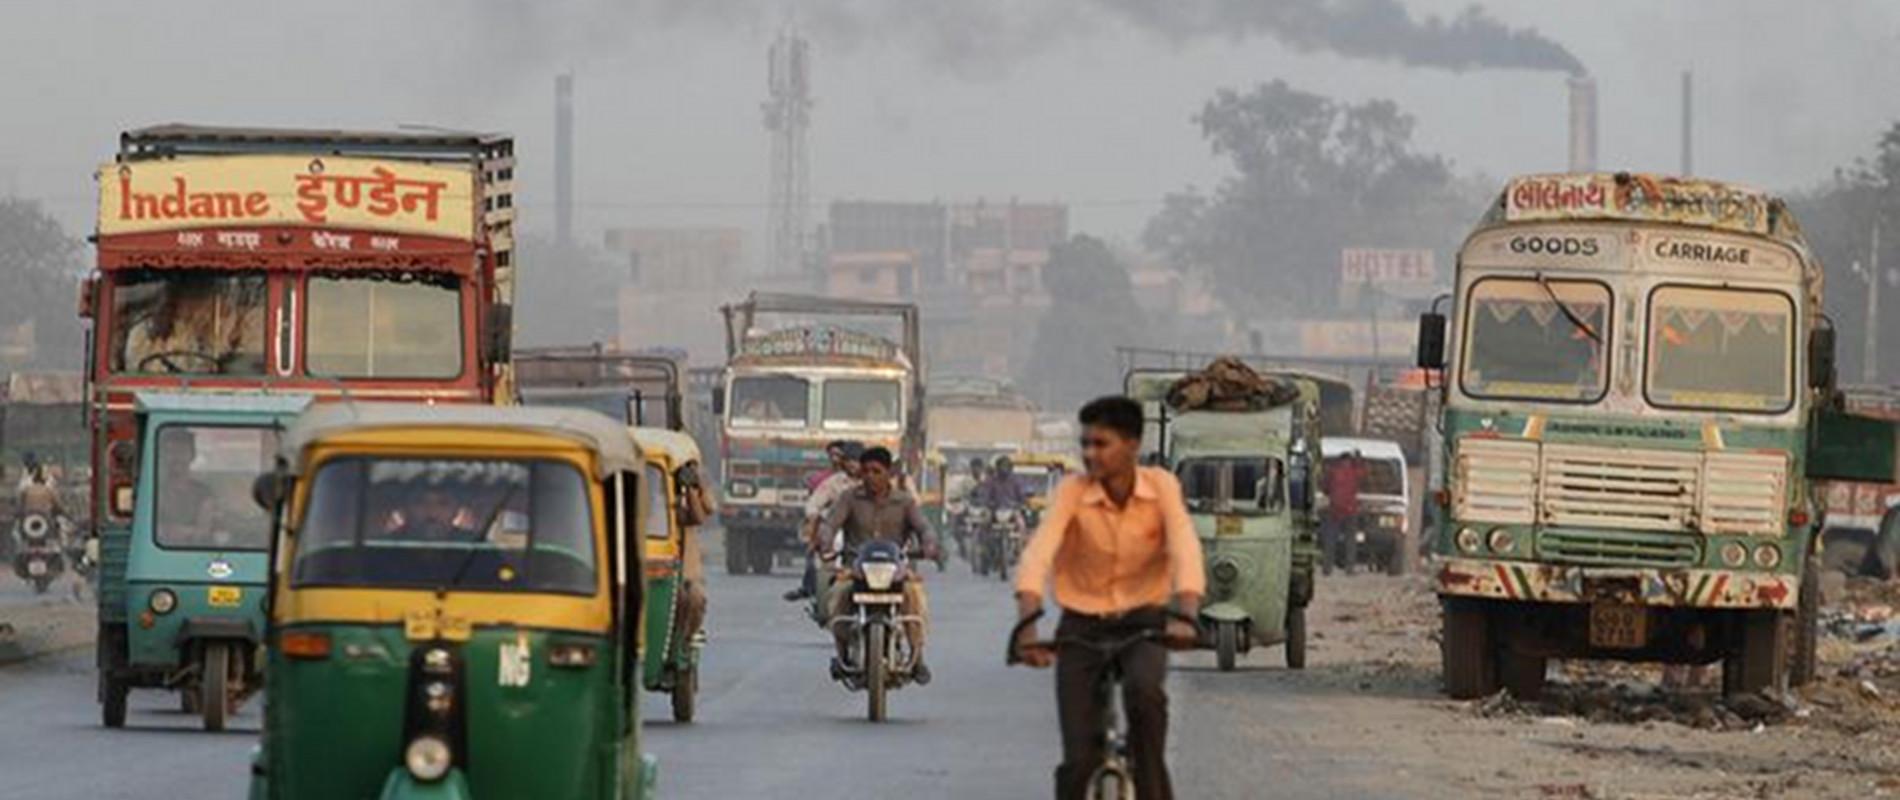 Les enjeux du changement climatique en Inde